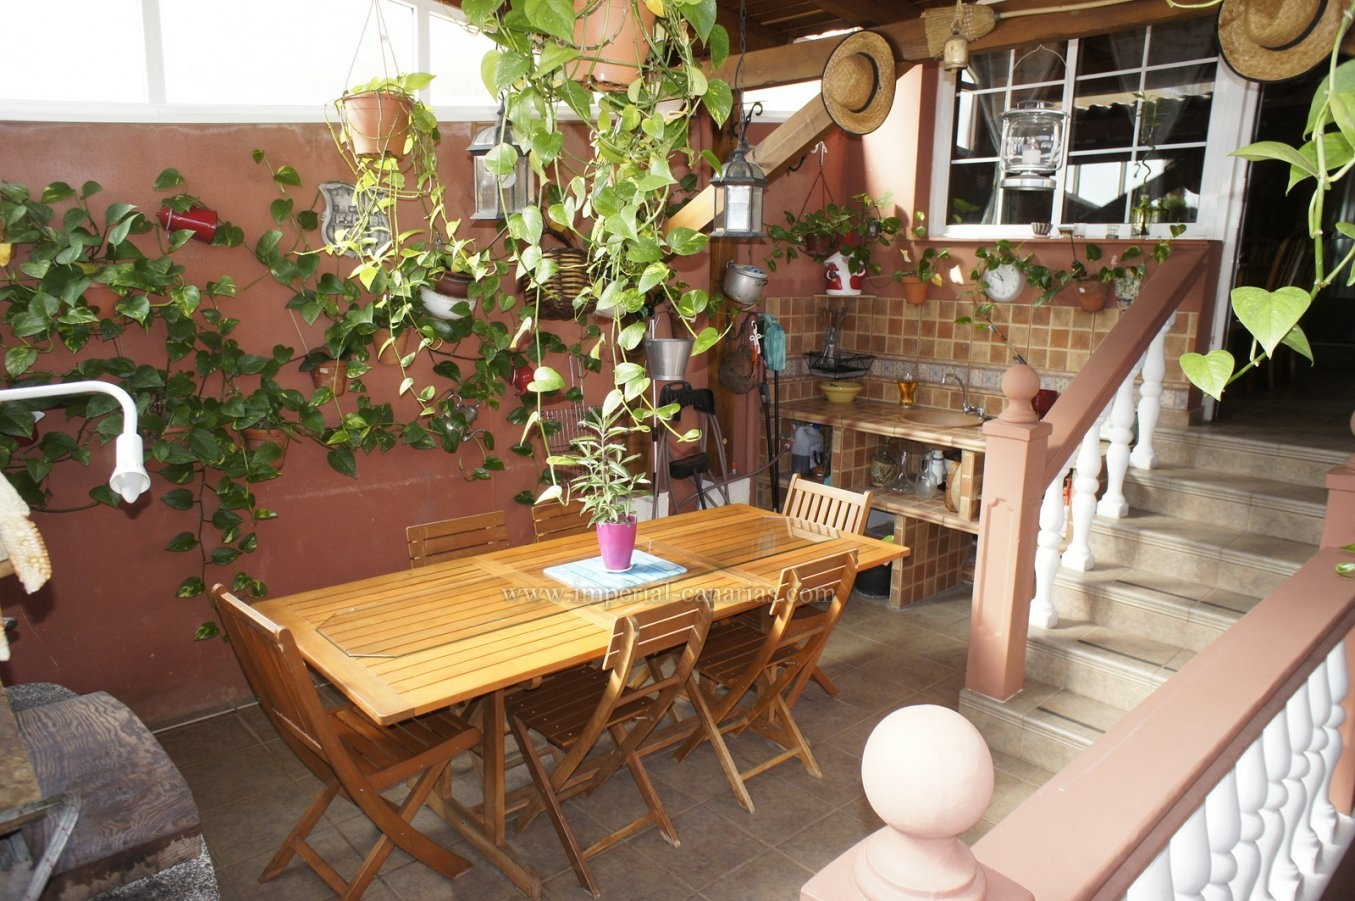 Coqueto adosado con patio y buhardilla en zona tranquila. Garaje grande!